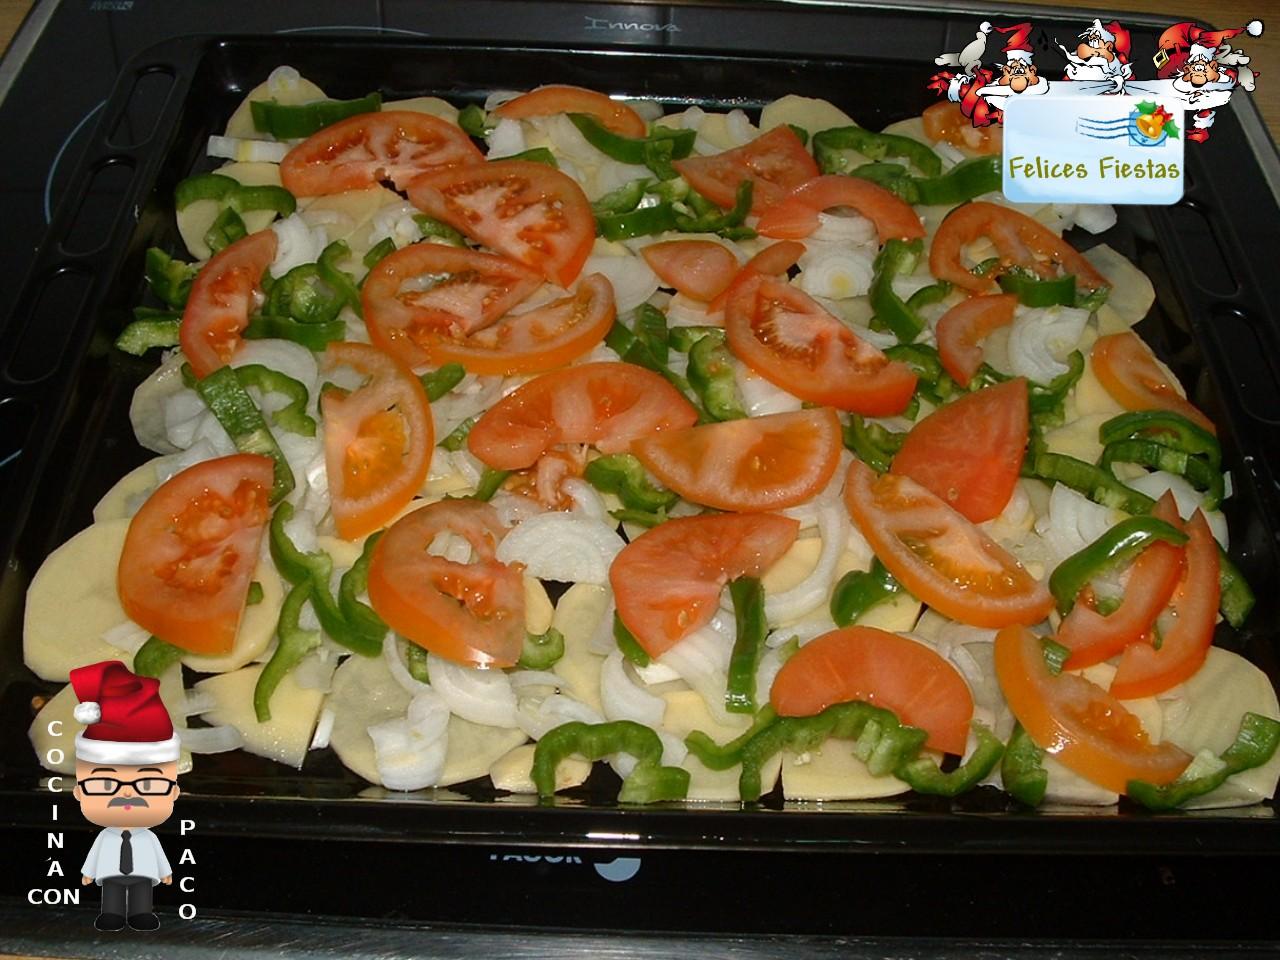 Cocina con paco corvina al horno - Cocina con paco ...